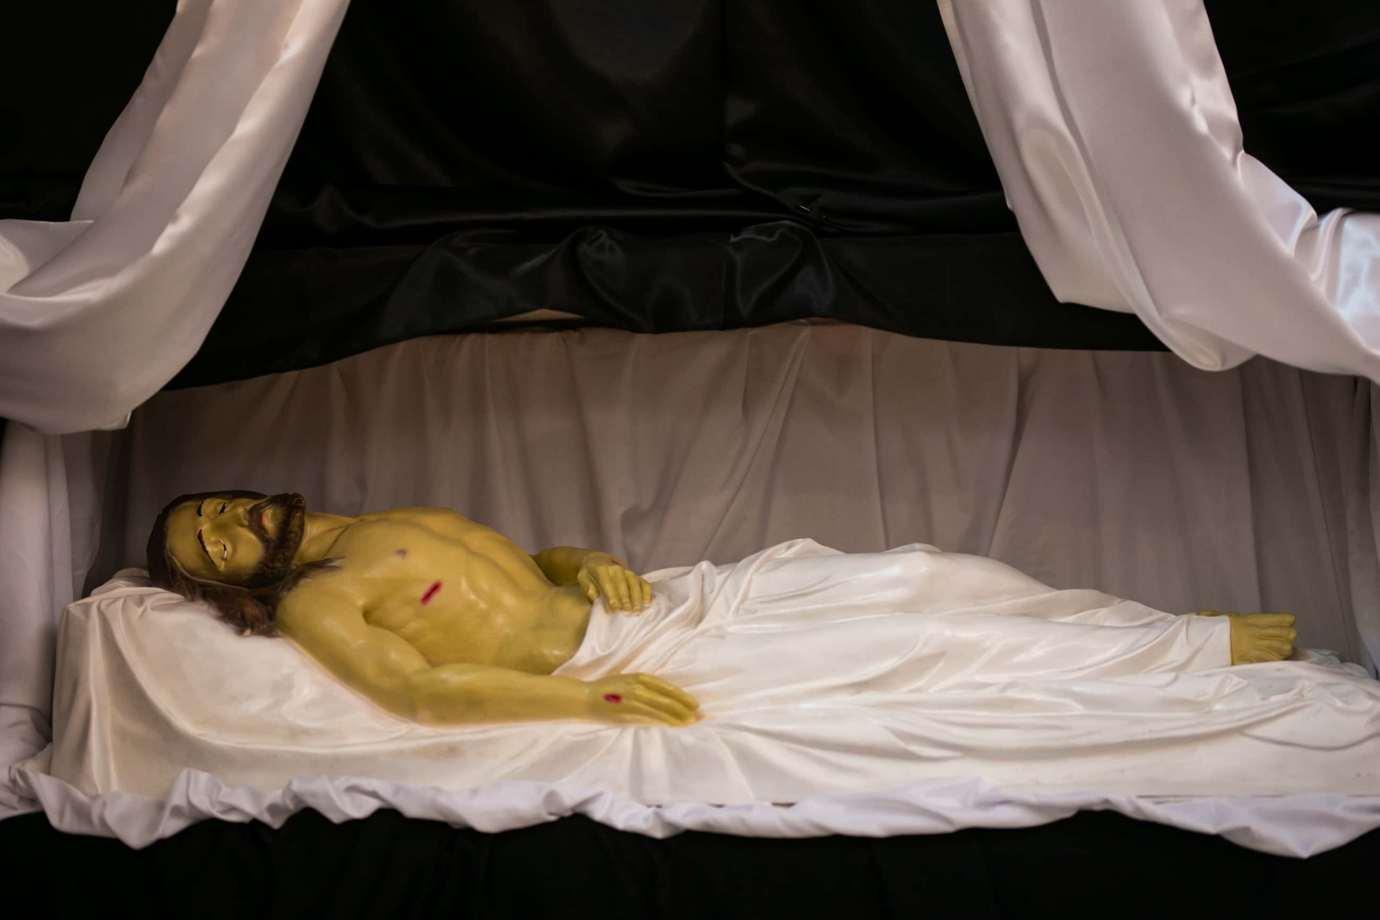 parafia pw swietego krzyza w zamosciu 4a 1 Zdjęcia grobów pańskich w zamojskich świątyniach